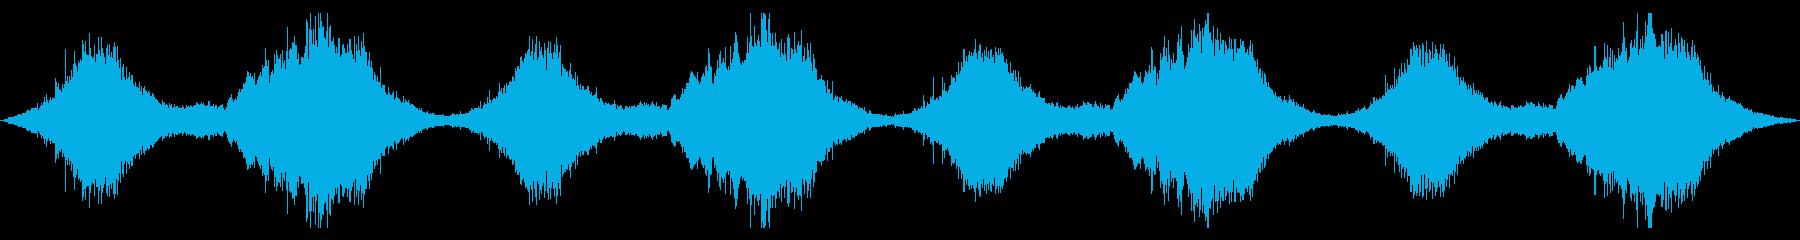 不協和音が不気味なBGMの再生済みの波形